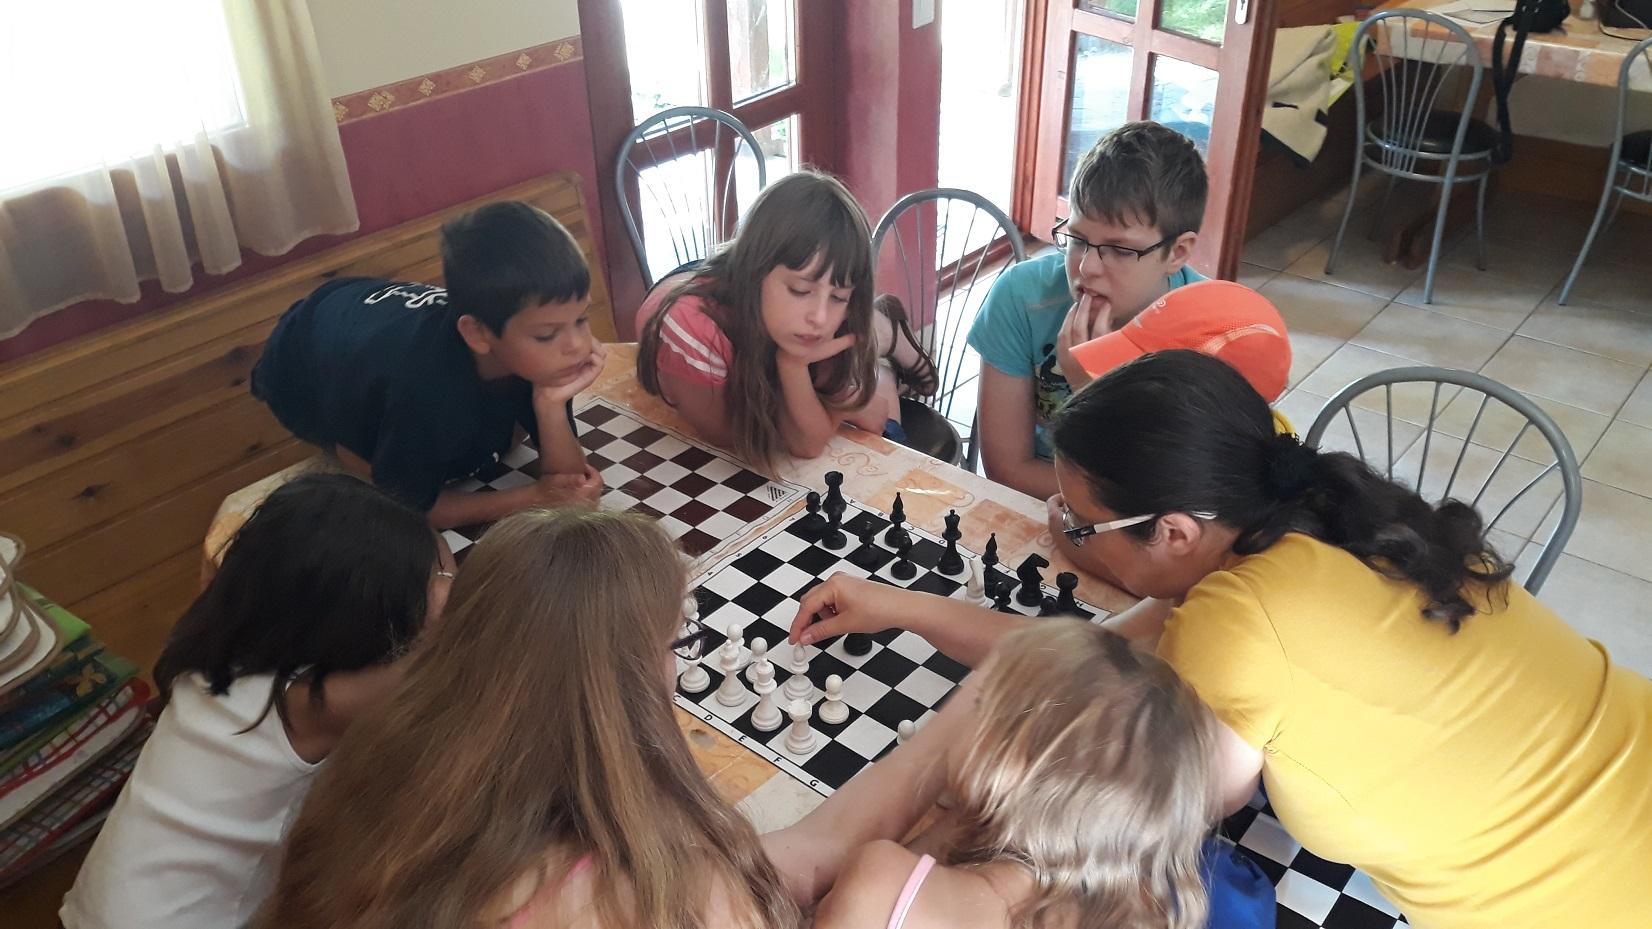 óvodás sakk tanfolyam, iskolásoknak sakk tanfolyam